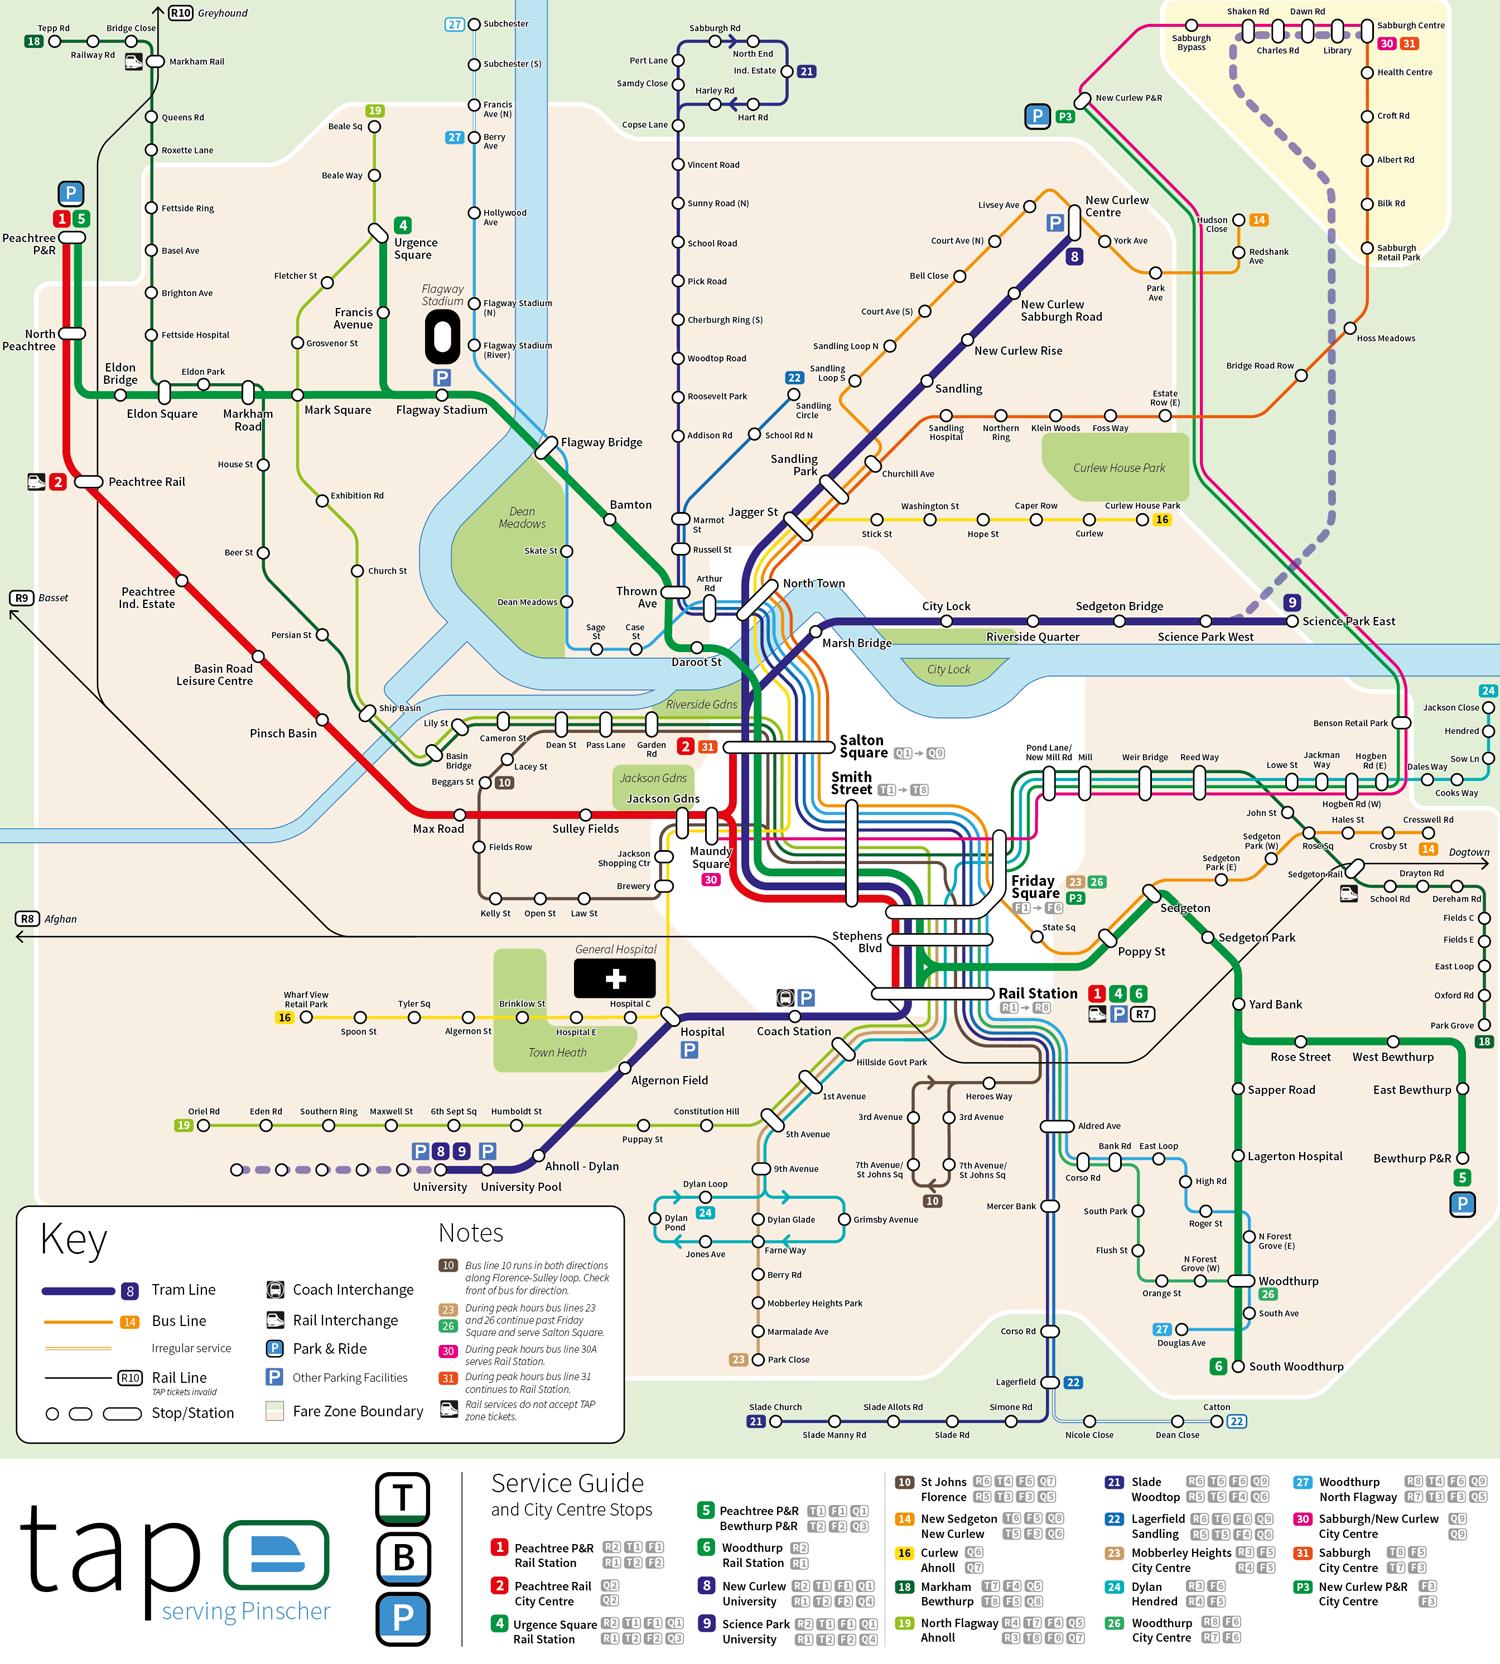 Pinscher public transport network map